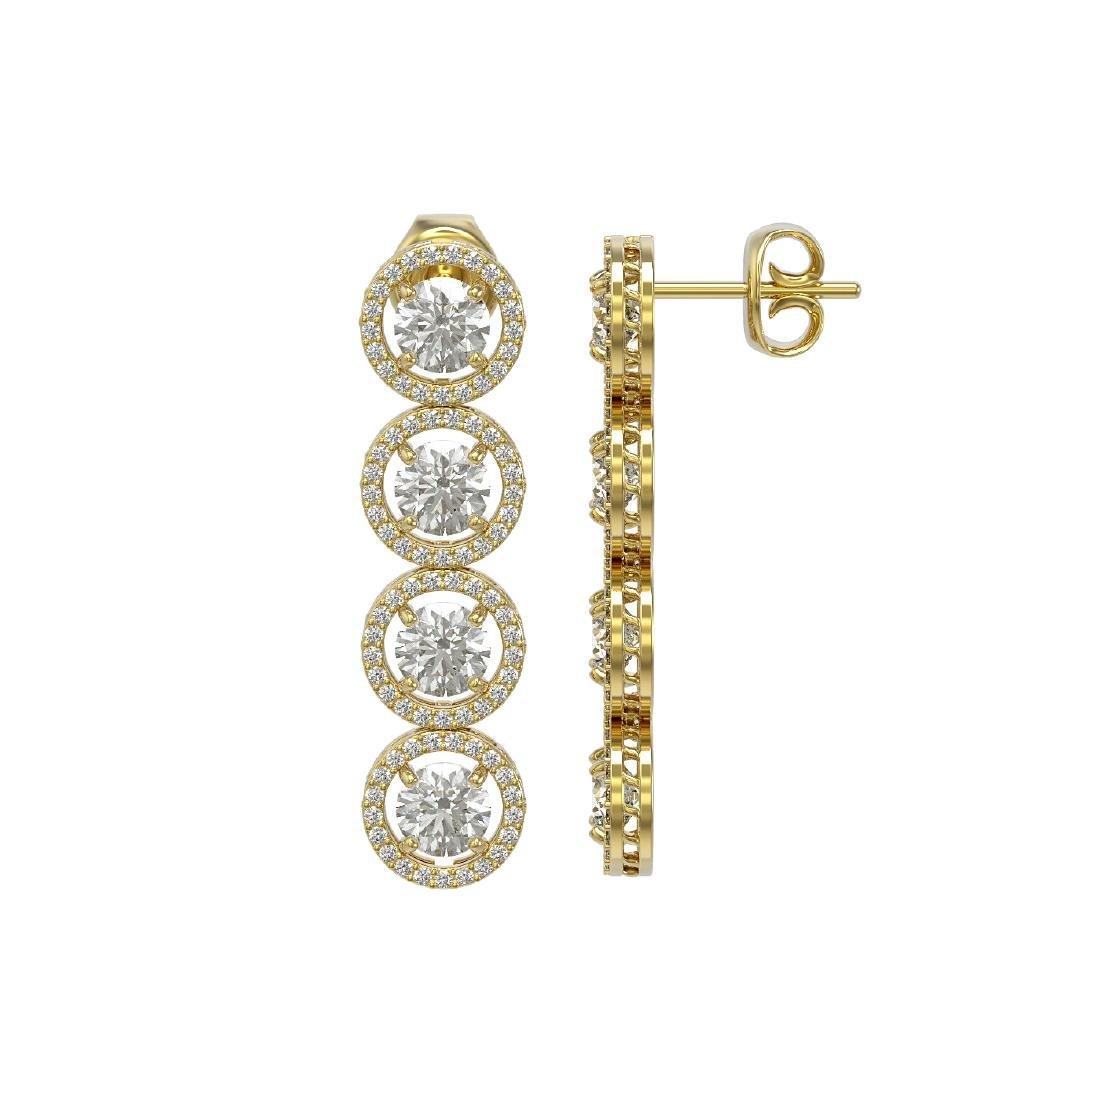 5.36 CTW Diamond Designer Earrings 18K Yellow Gold - 2